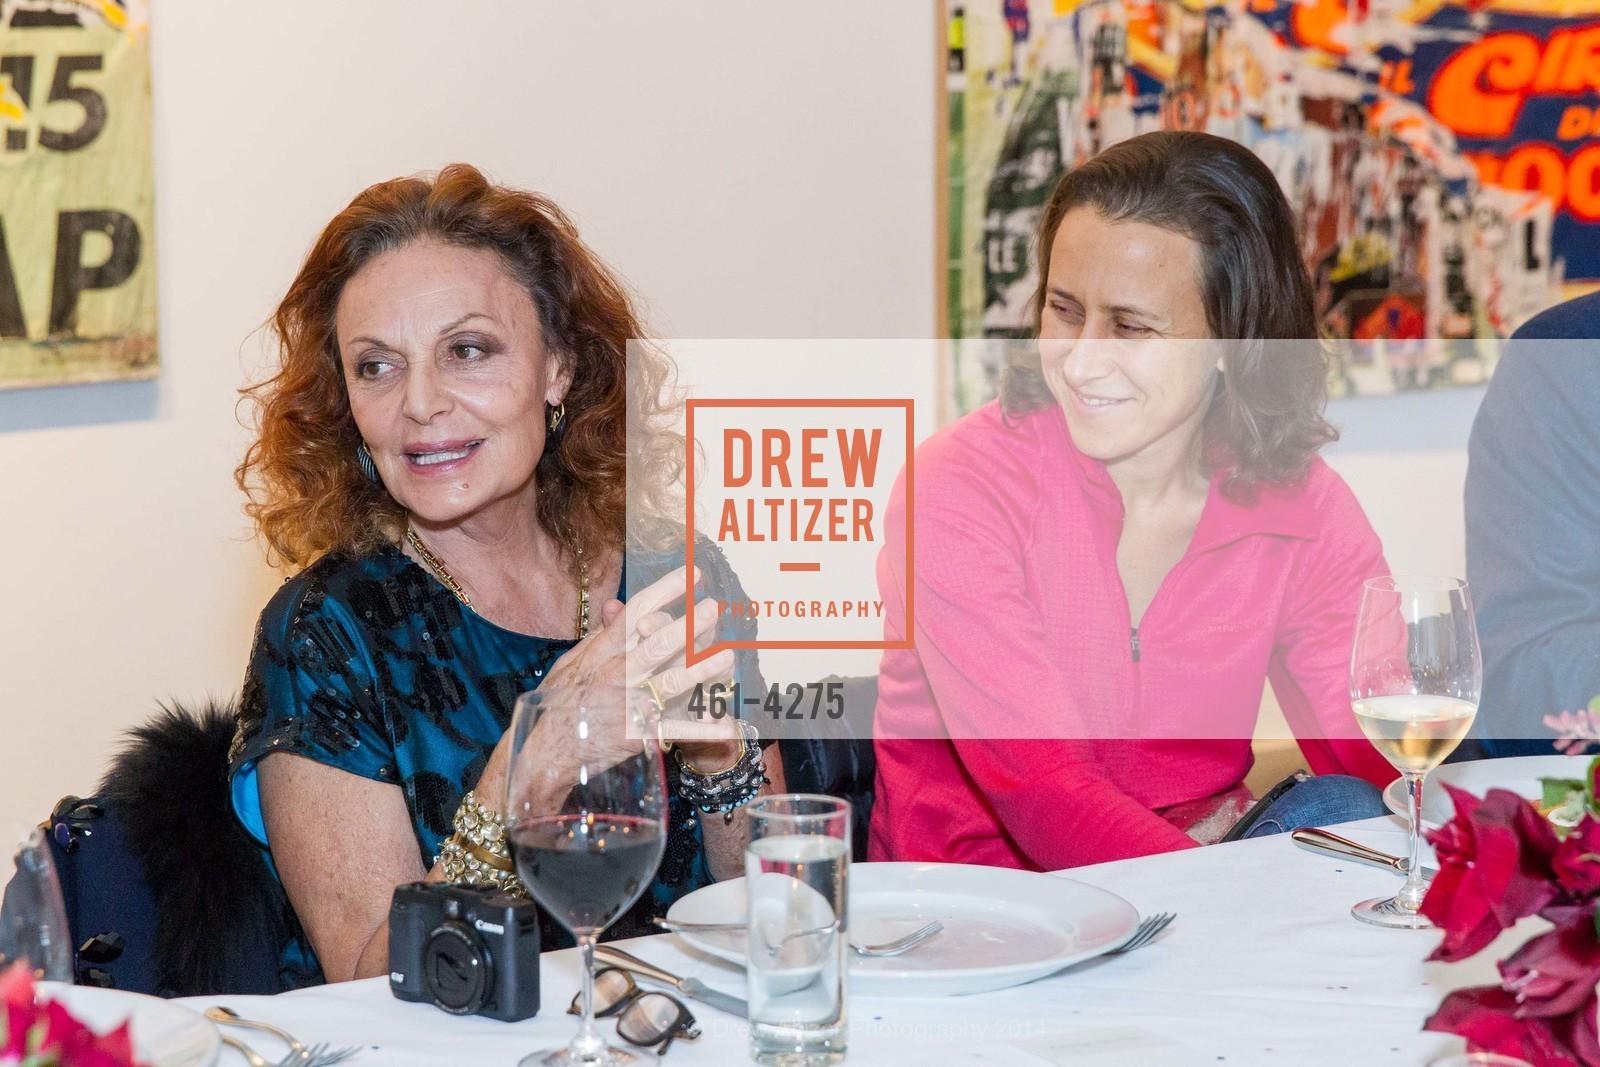 Diane von Furstenberg, Anne Wojcicki, Photo #461-4275